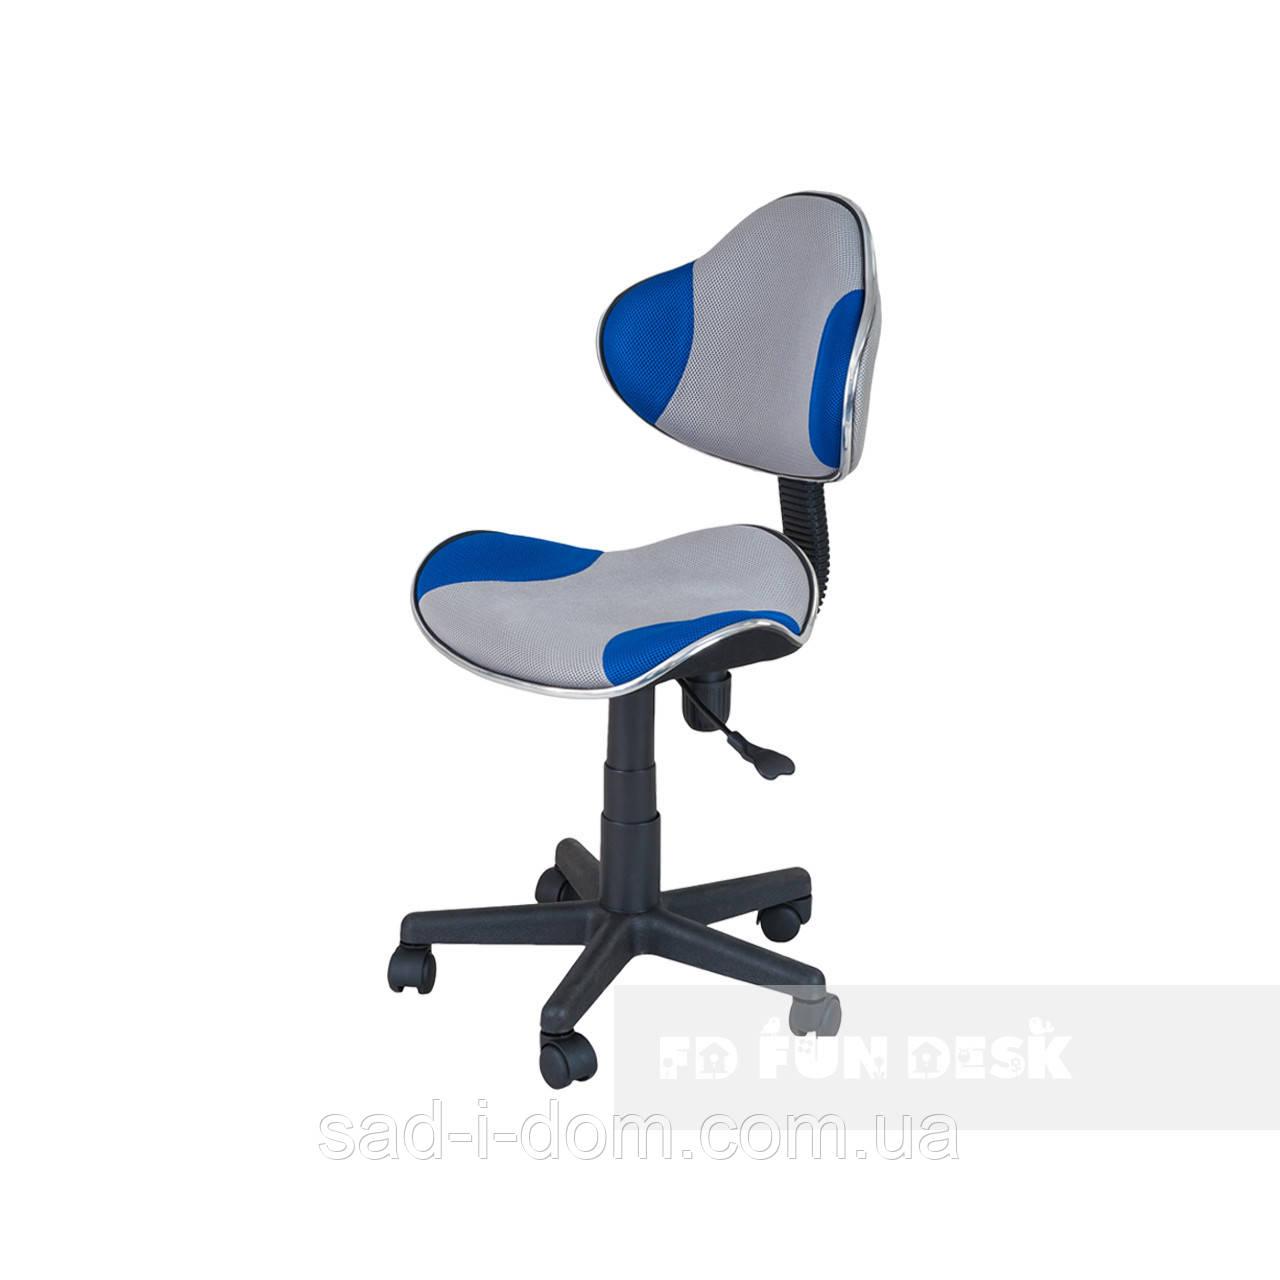 Детский стул для школьника FunDesk LST3 серо-голубой